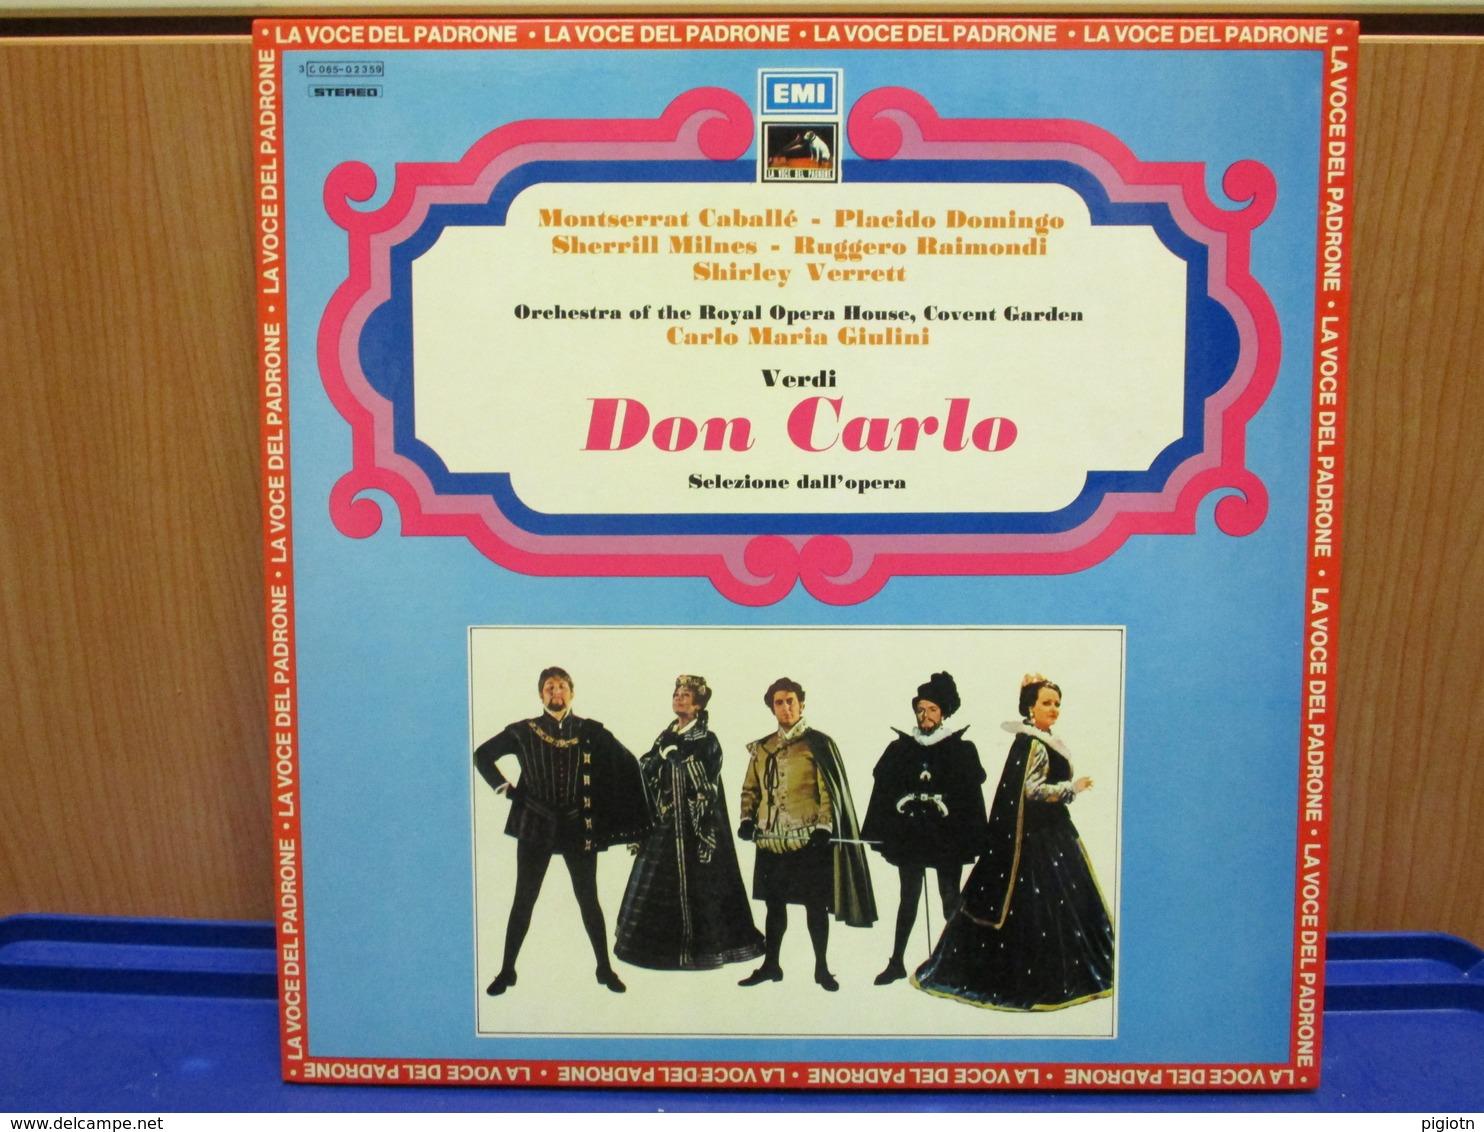 LP054-DON CARLO -SELEZIONE DELL'OPERA- MONTSERRAT CABALLE-PLACIDO DOMINGO SHERRIL MILNES-RUGGERO RAIMONDI-SCIRLEY VERRET - Oper & Operette